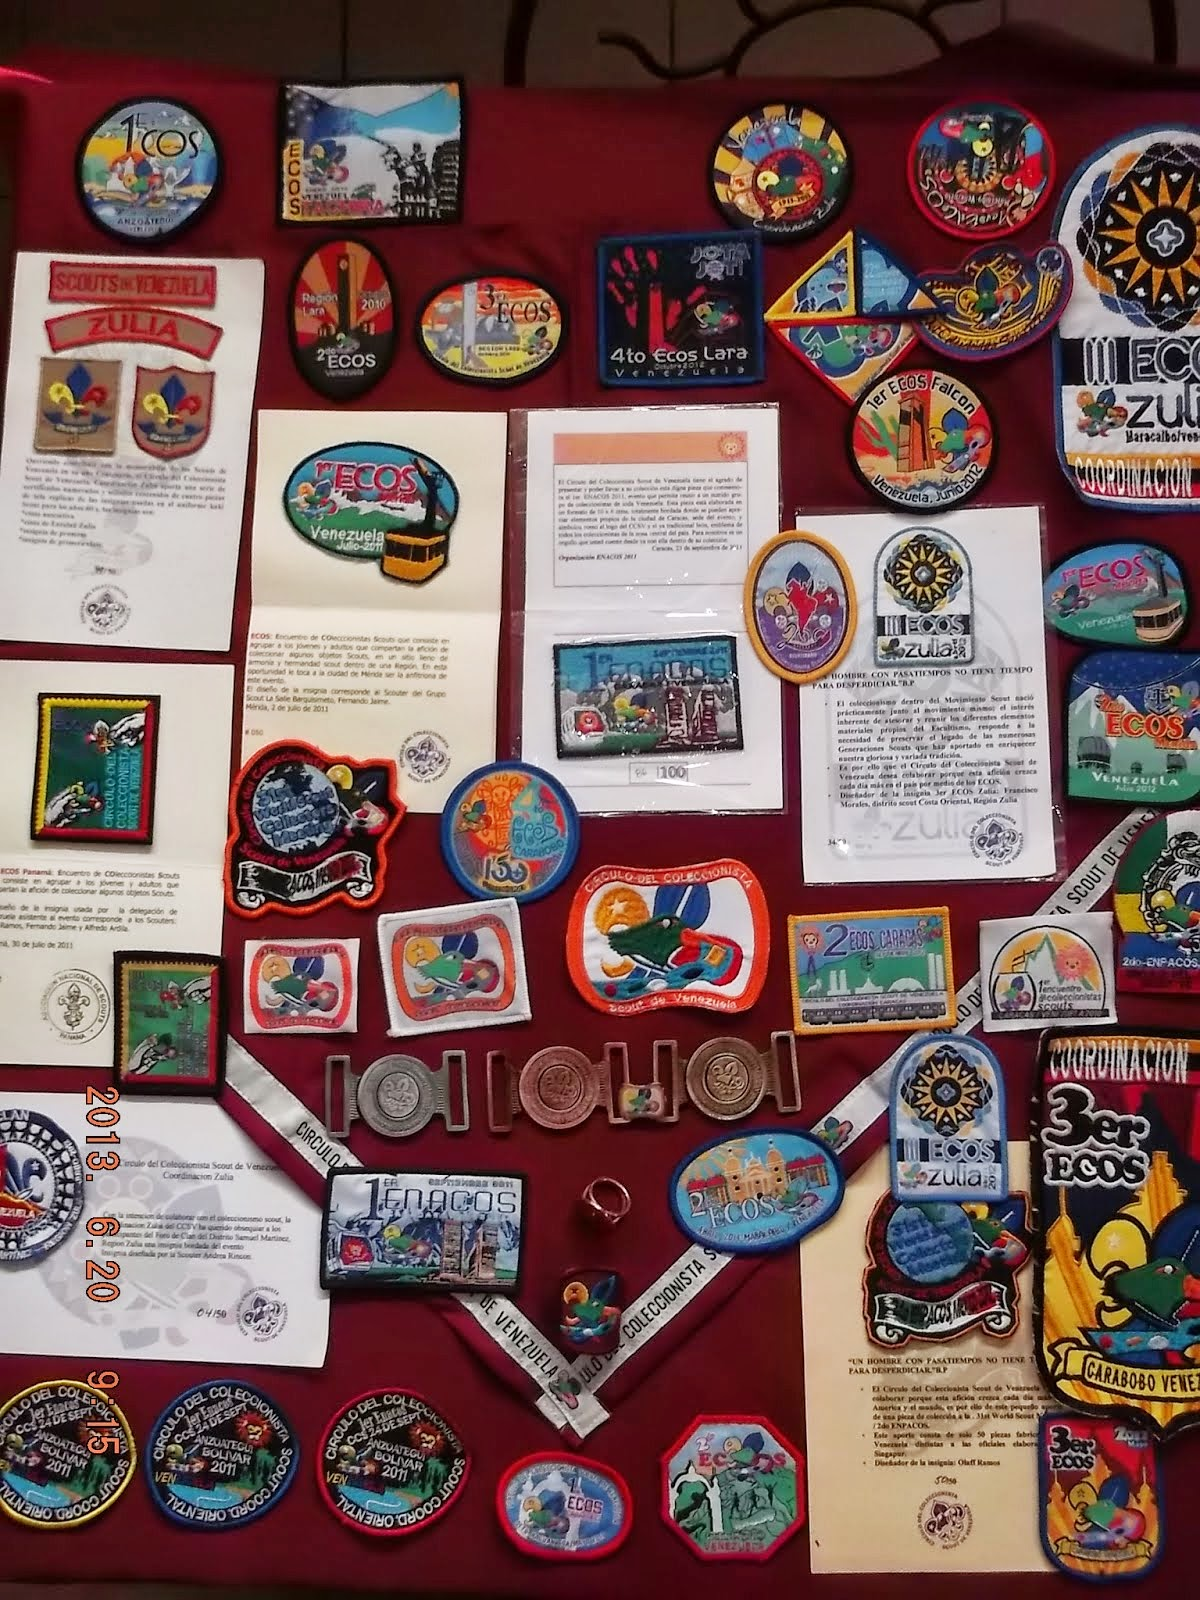 Circulo del Coleccionista Scout de Venezuela